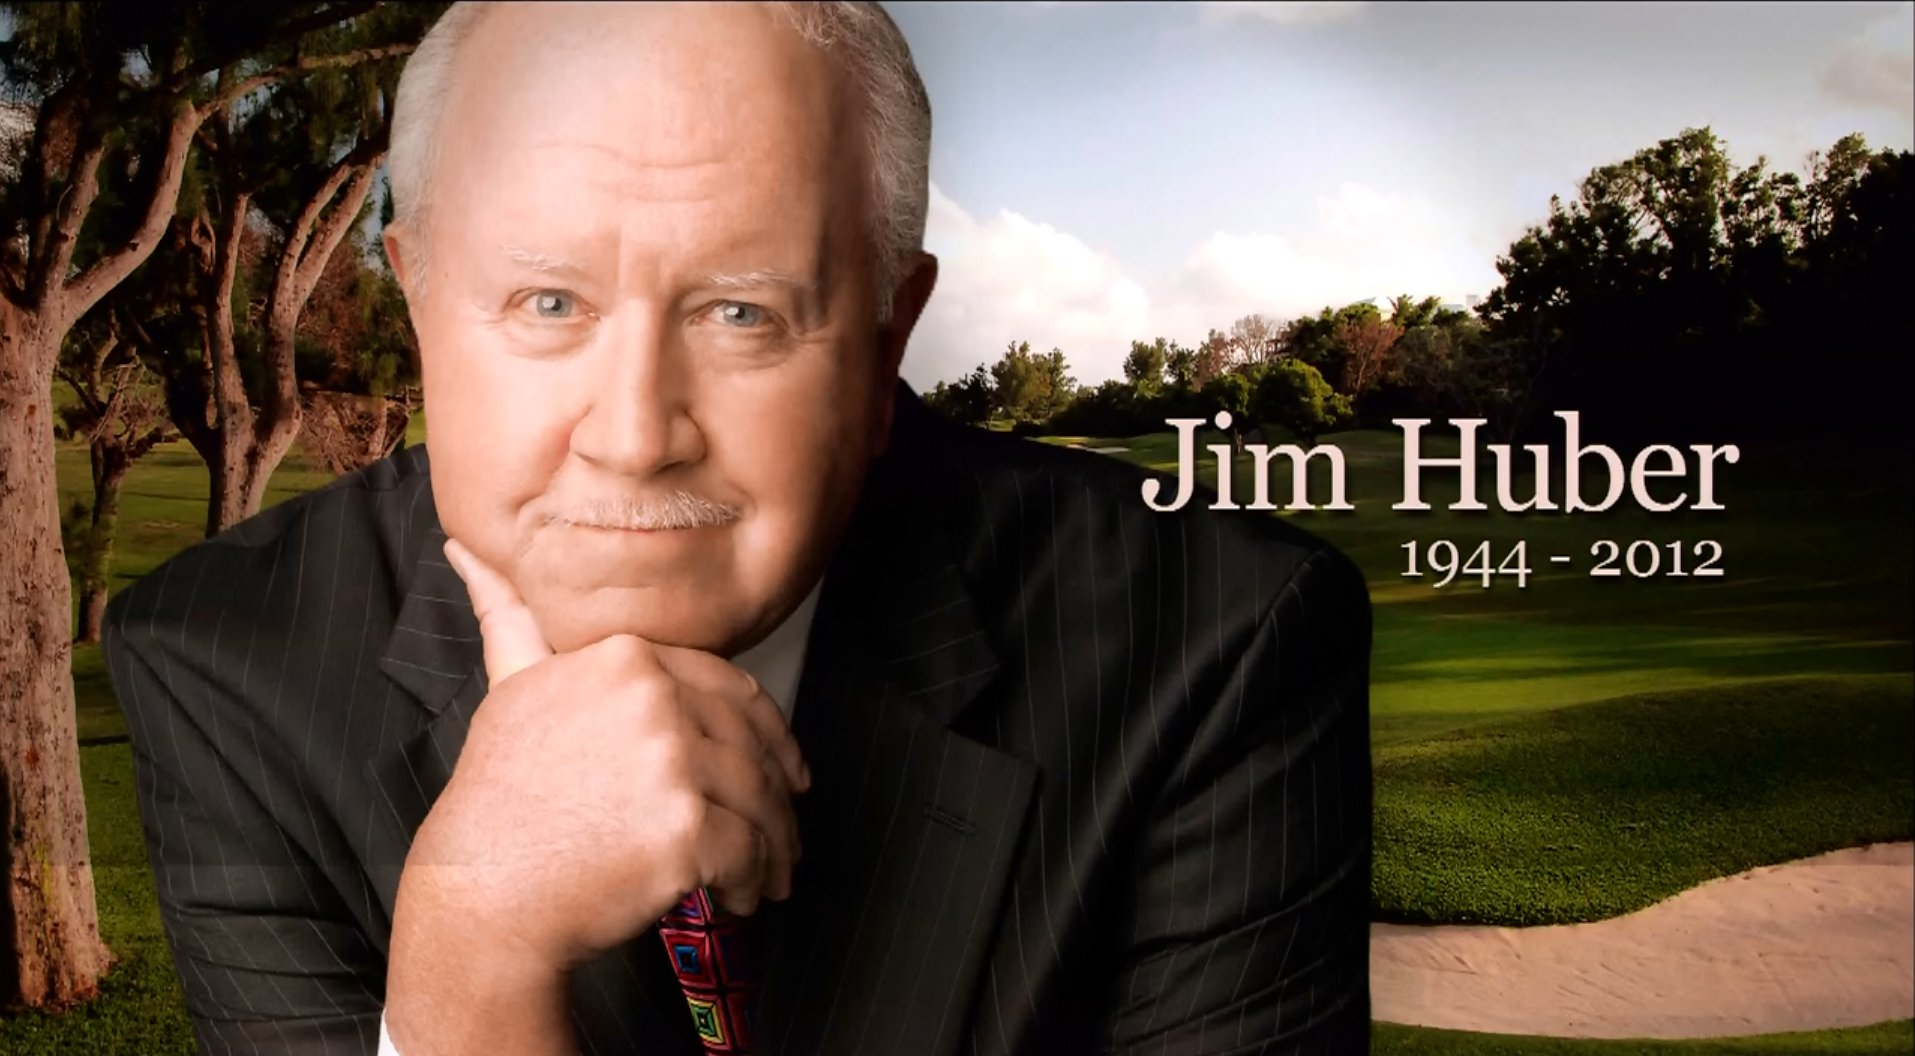 Huber-Tribute.jpg